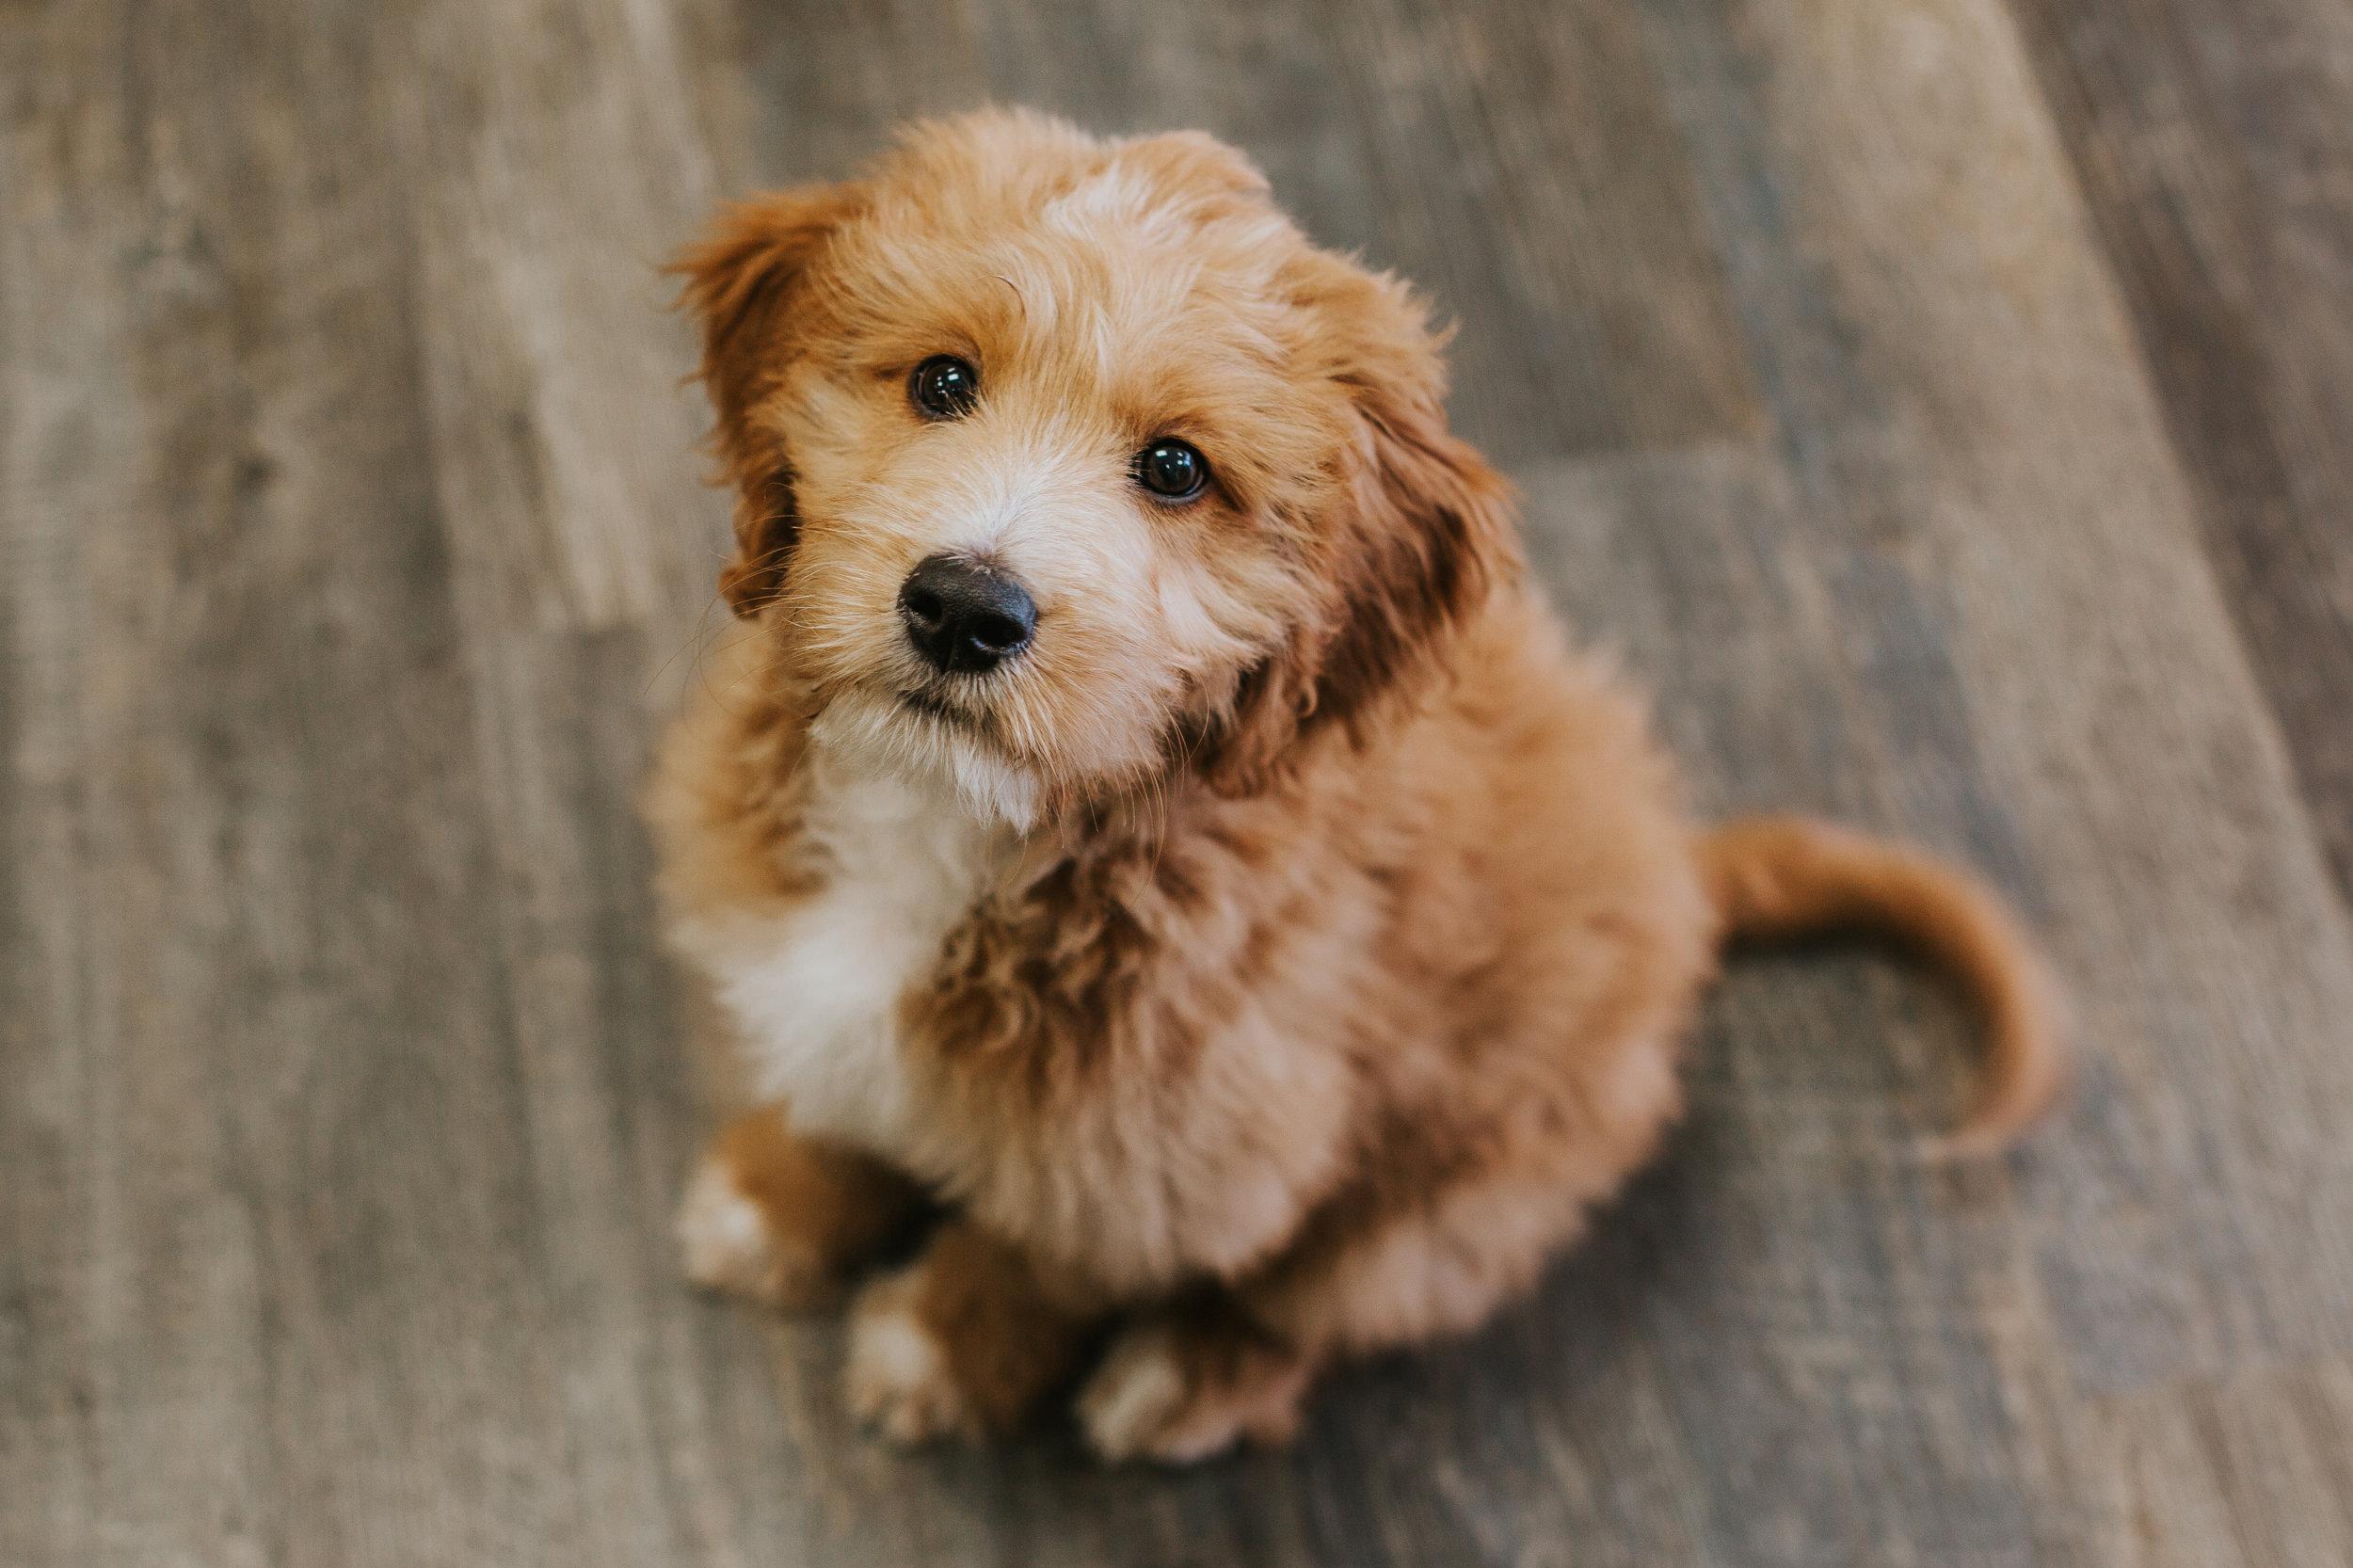 Jco-Natural-Pet-Eugene-Oregon-Goldendoodle-Puppy.jpg